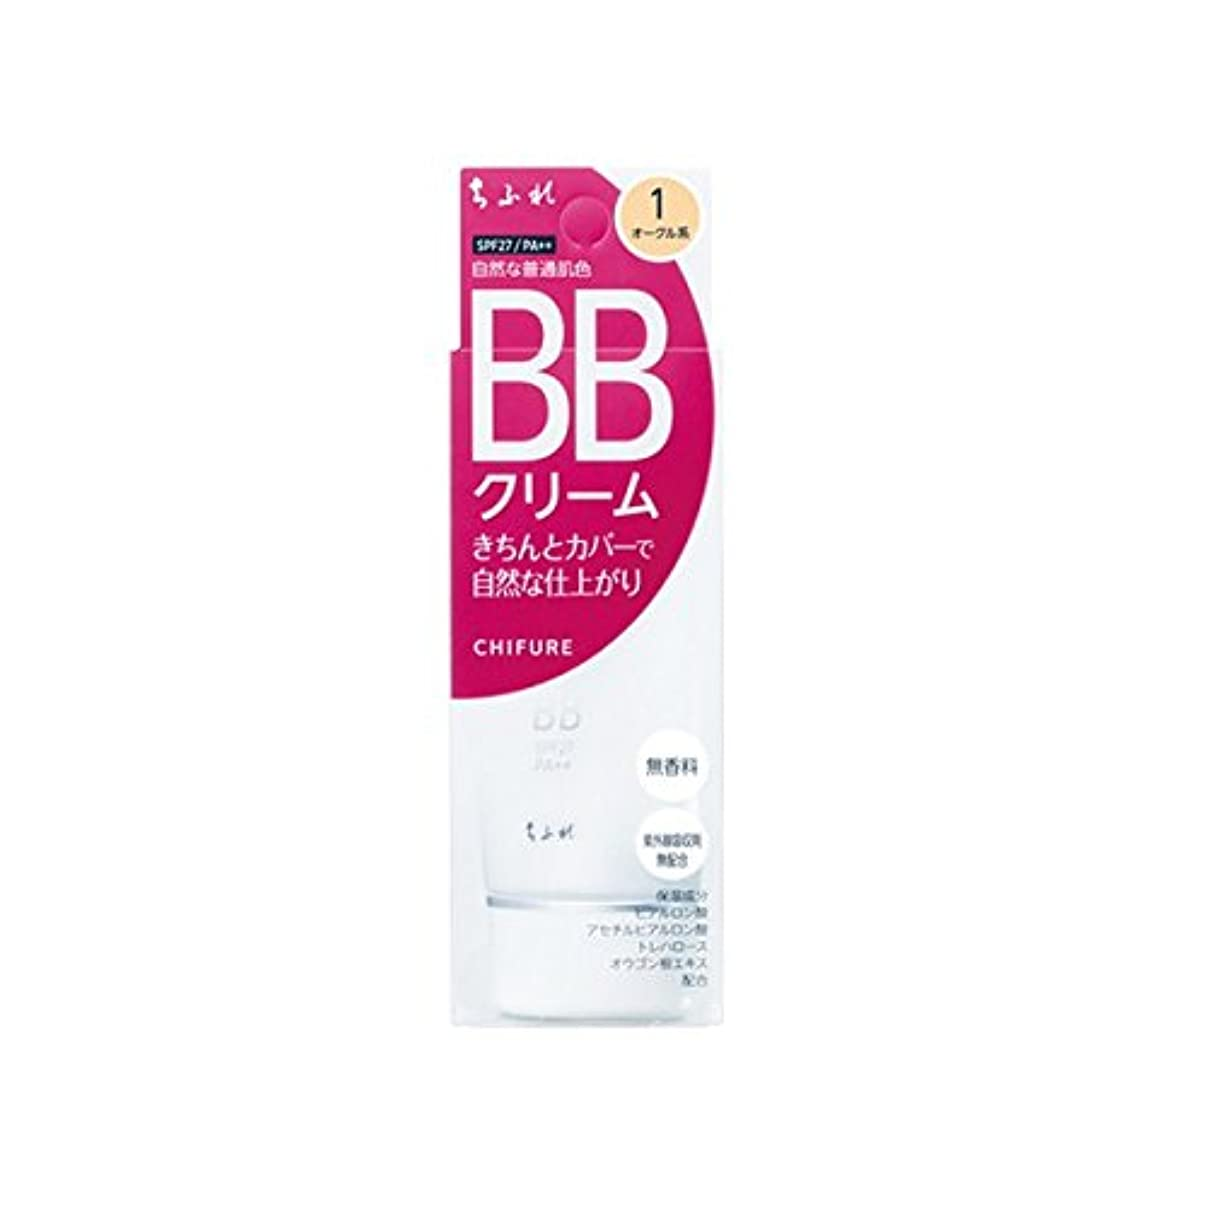 ラックアコー不利ちふれ化粧品 BB クリーム 1 自然な普通肌色 BBクリーム 1